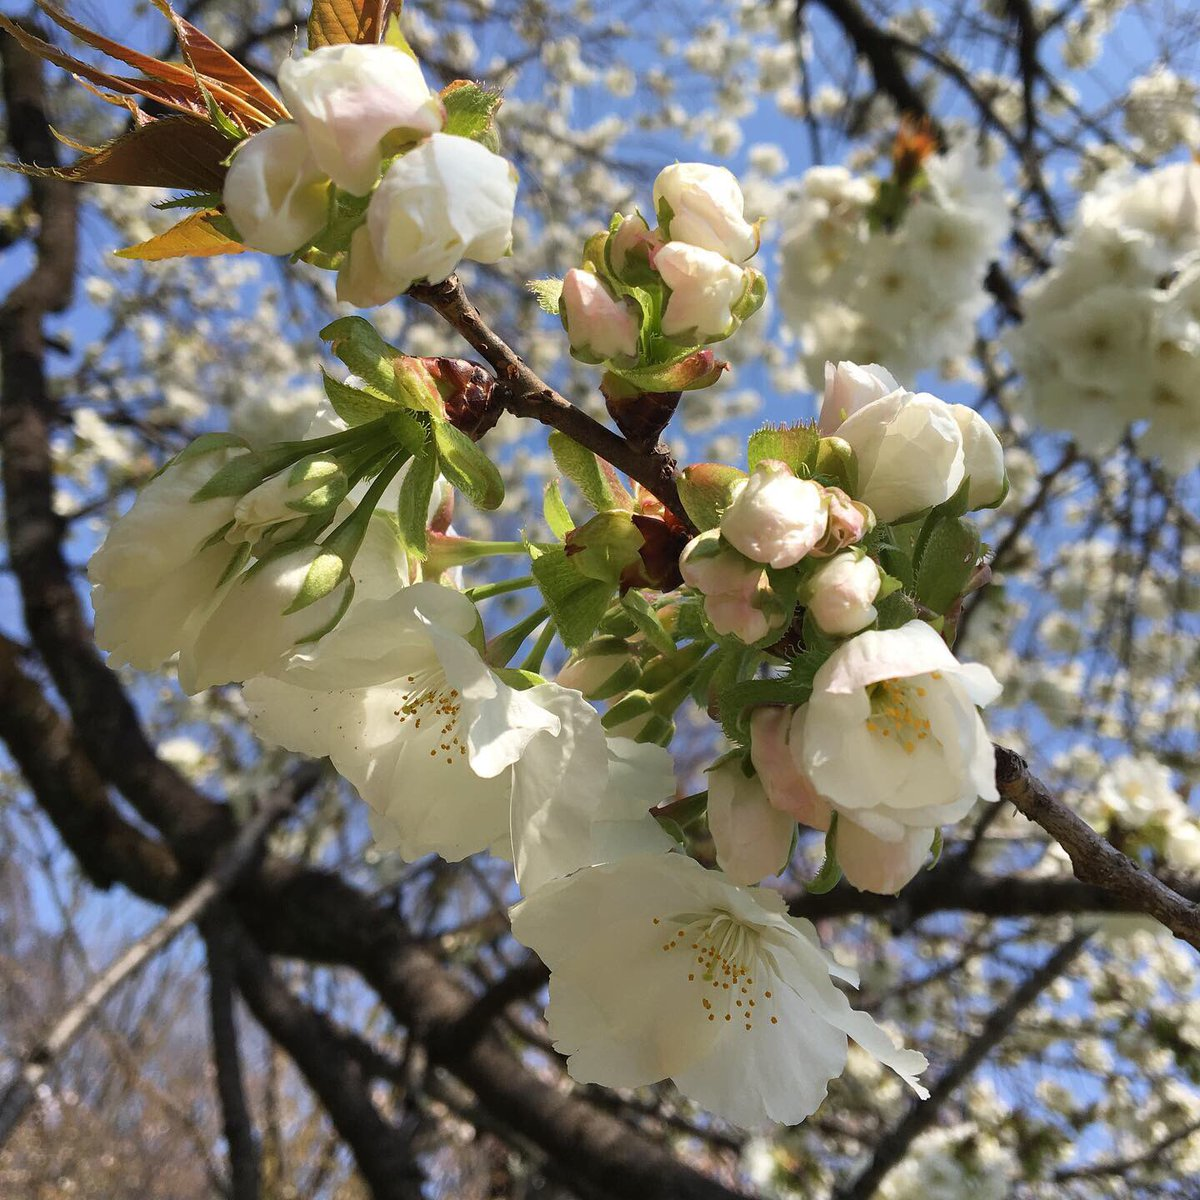 test ツイッターメディア - 通りすがりの桜 つぼみがうっすらピンクでかわいい😍 来年はゆっくりお花見できますように✨✨✨  #桜 #駒繋 https://t.co/PuOHFTBXNU